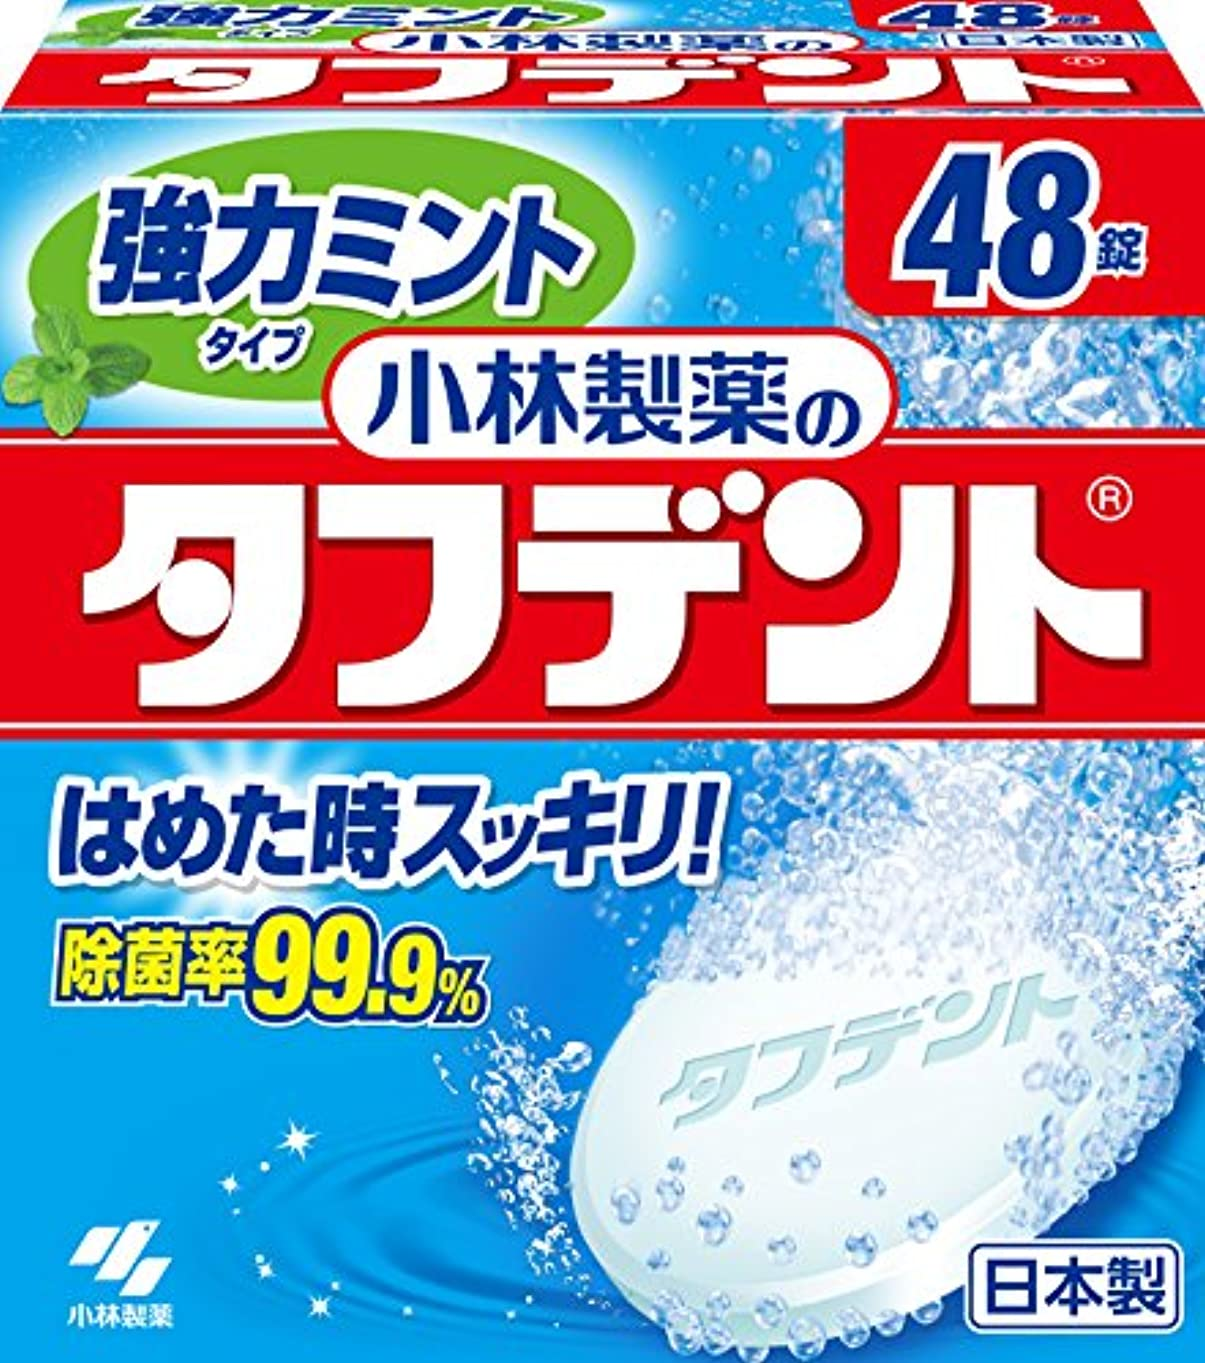 ピアニスト美的喉頭小林製薬のタフデント強力ミントタイプ 入れ歯用洗浄剤 ミントの香り 48錠